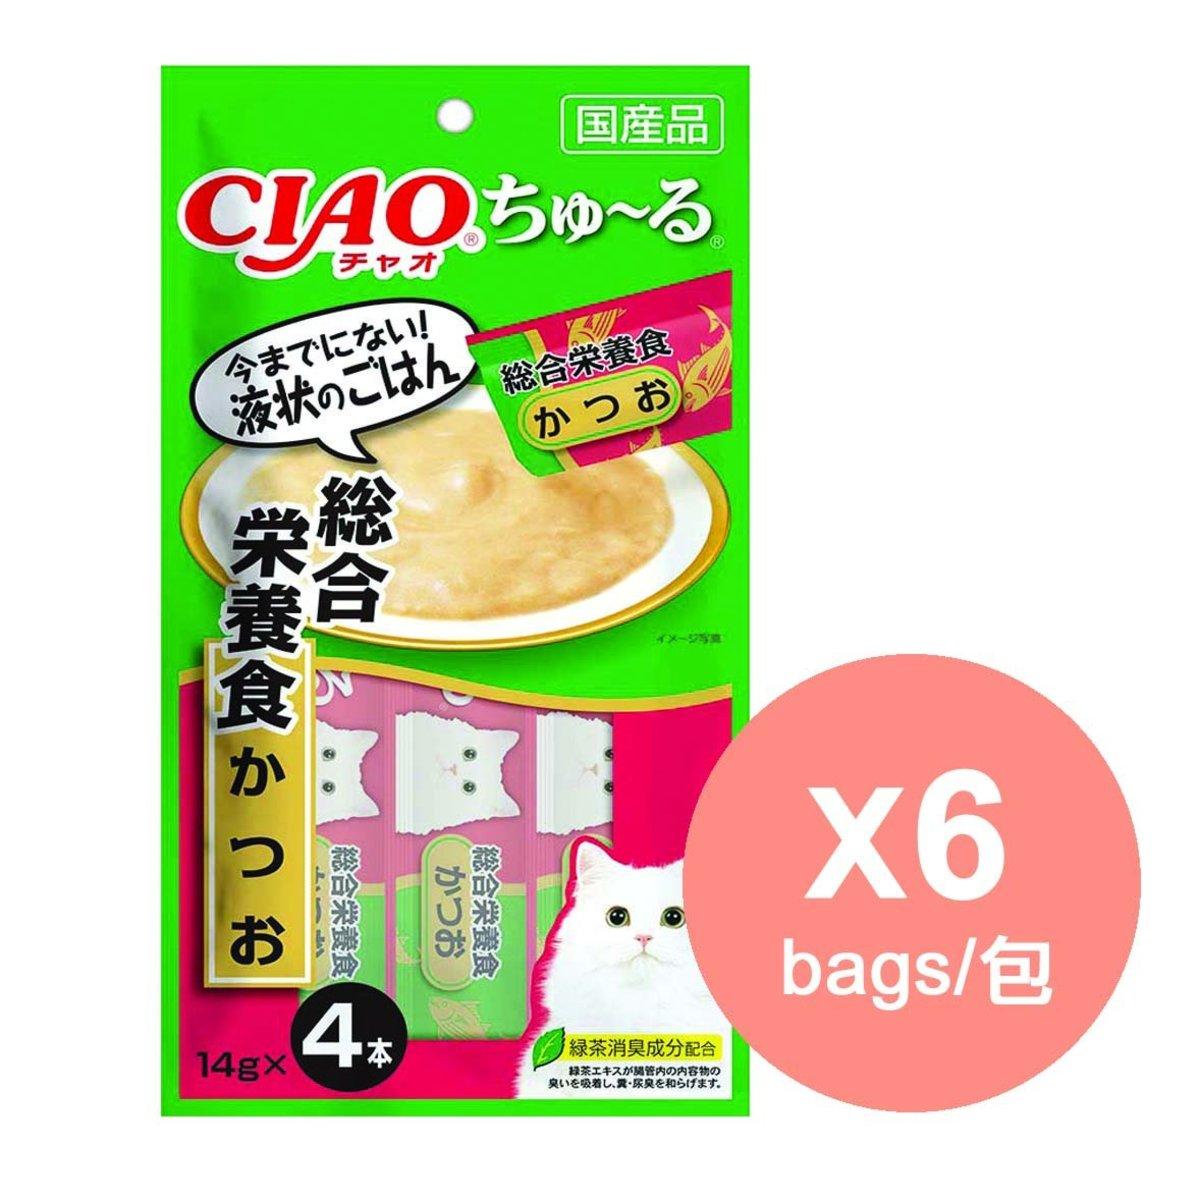 (行貨) INABA 鰹魚醬 綜合營養食SC-158 x6